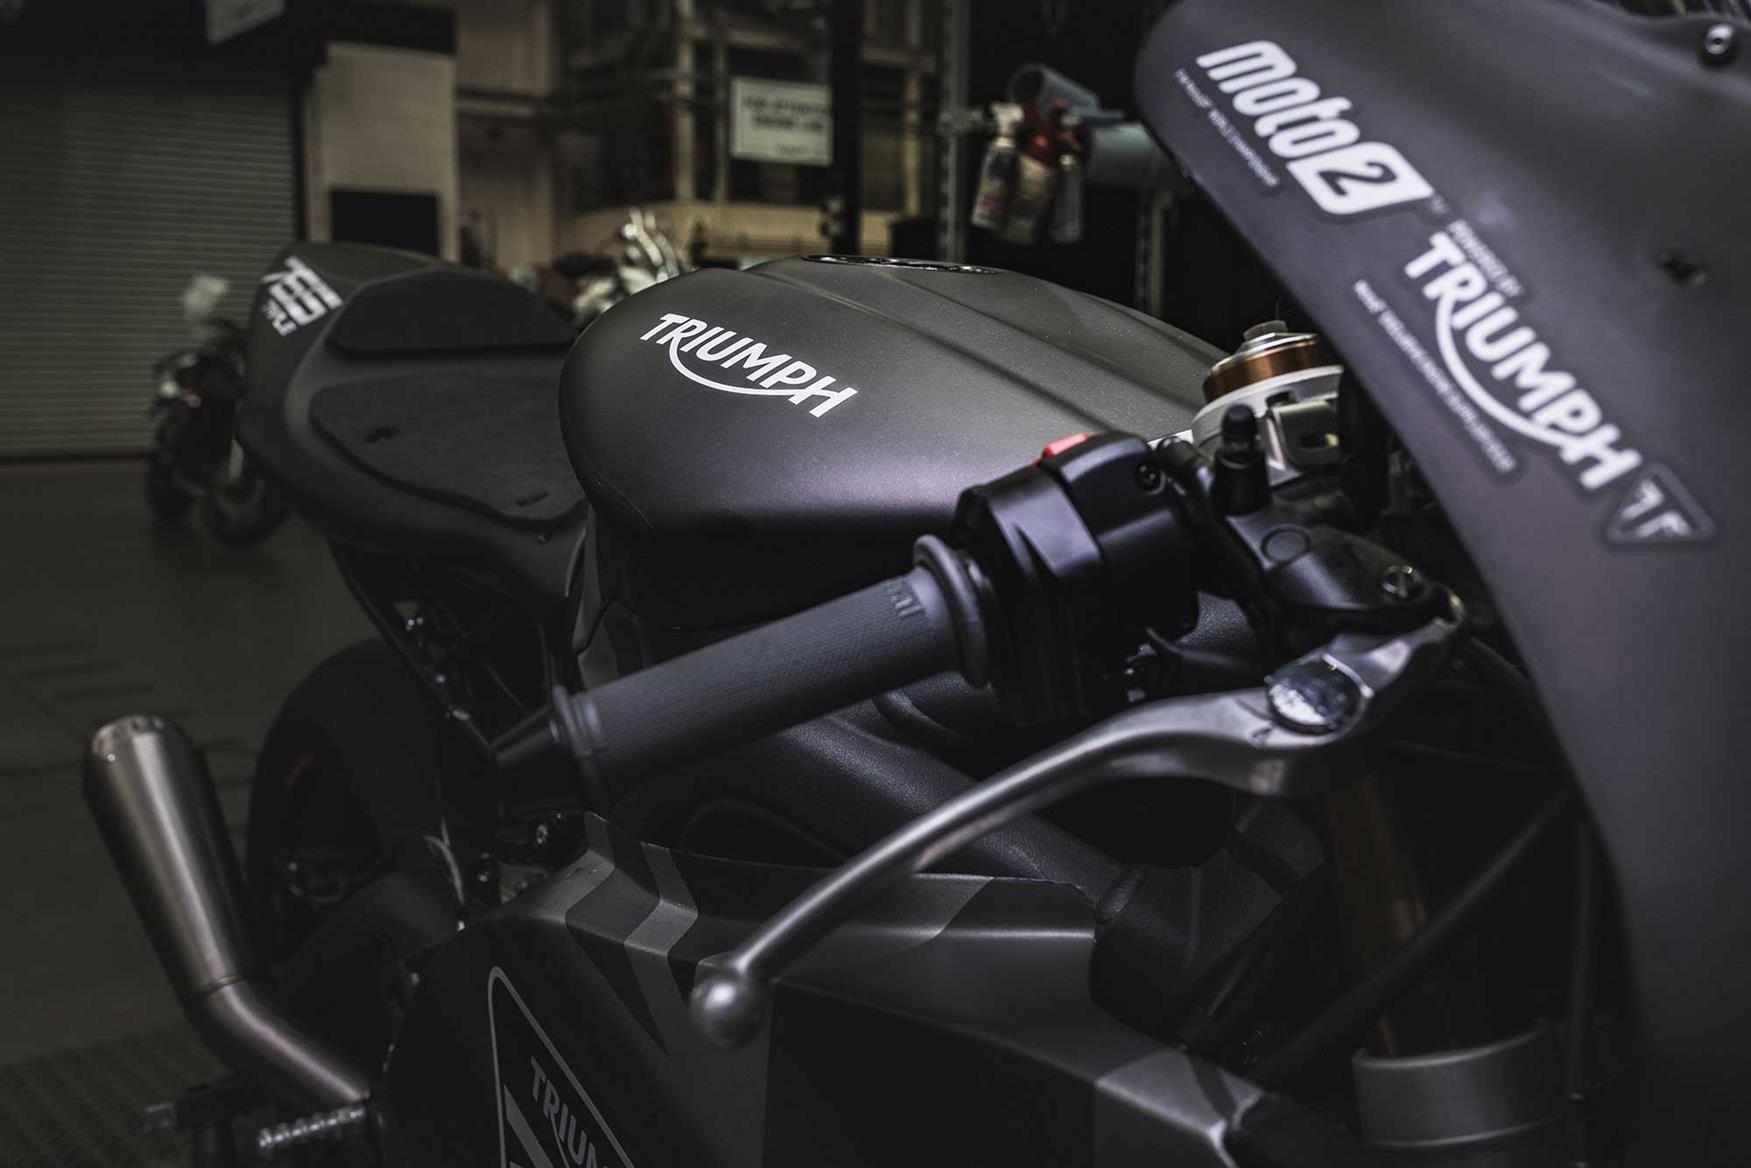 The Moto2 bikes will have a Marelli ECU